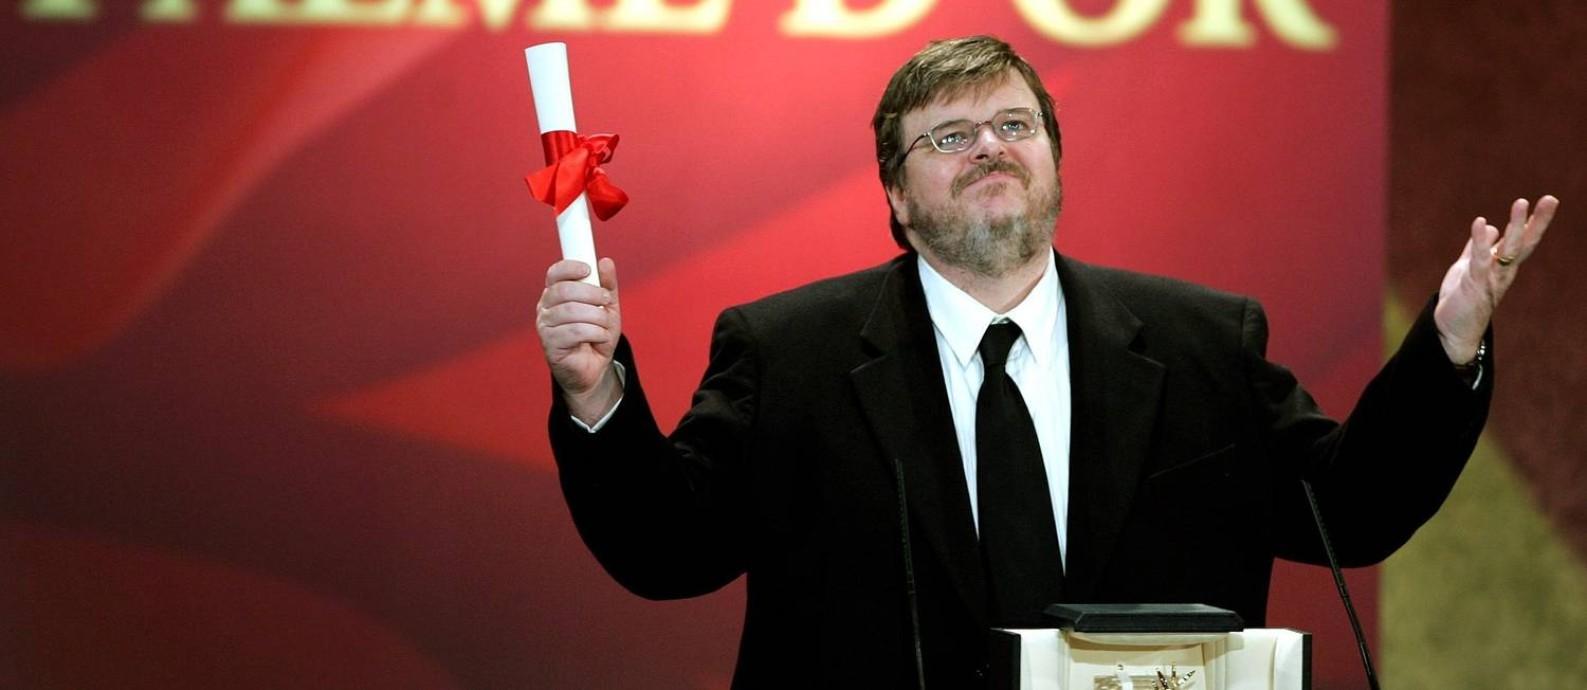 Moore ao receber a Palma de Ouro por 'Fahrenheit 9/11', em 2004: prestes a lançar